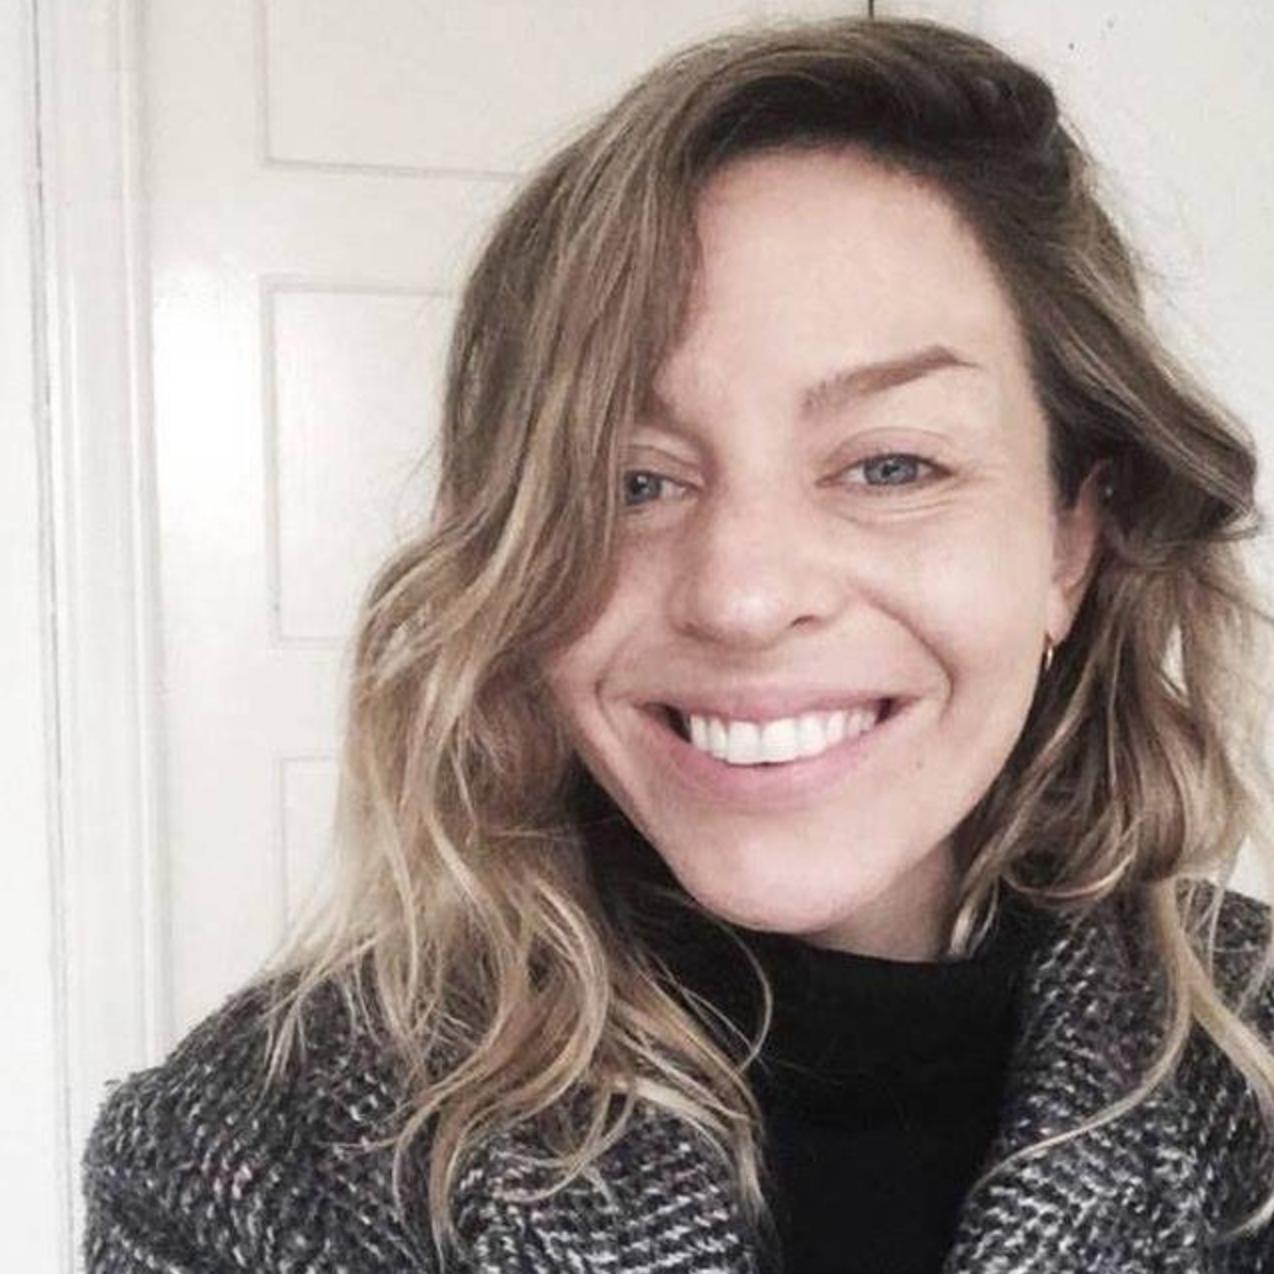 Ellen Åkeson - Trend Researcher & Creative Strategist